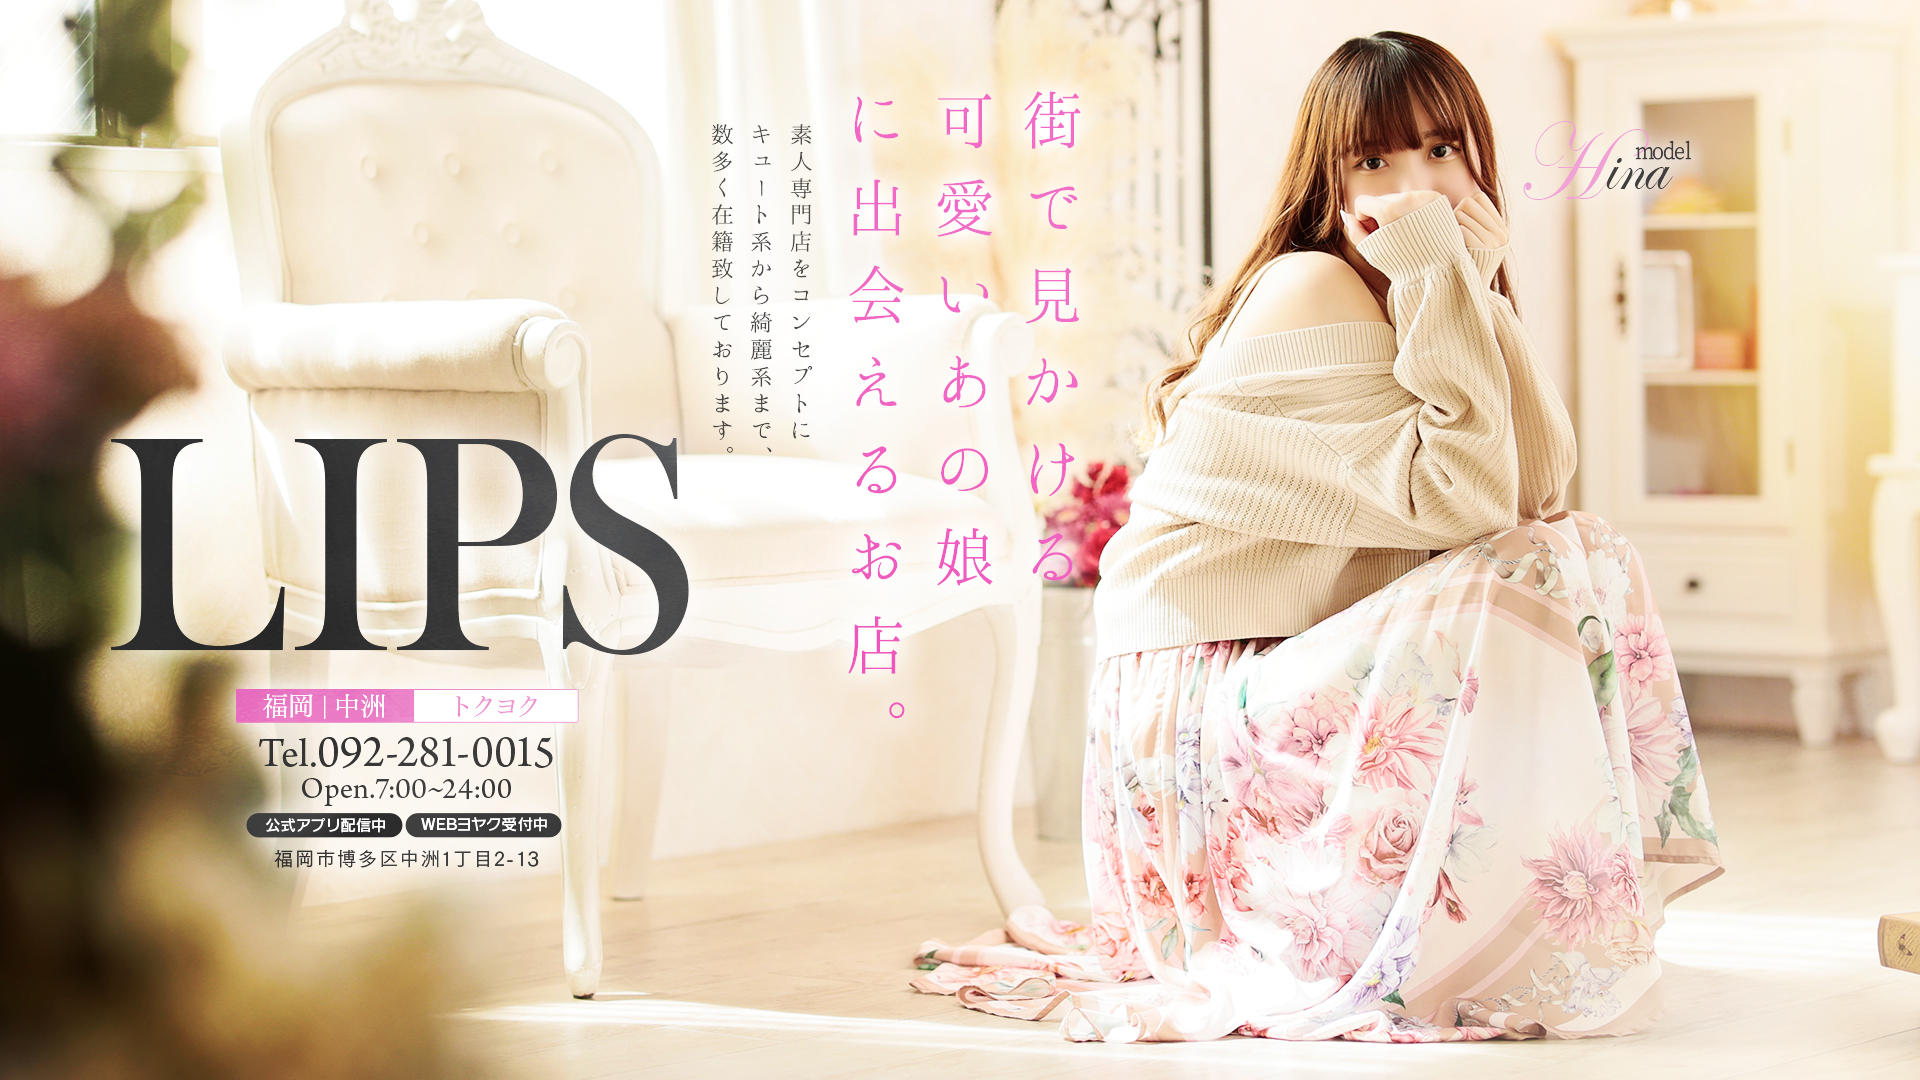 博多・中洲風俗 トクヨク・ヘルス【リップス】素人専門店をコンセプトにフレッシュな女の子から綺麗系まで、数多く在籍致しております。